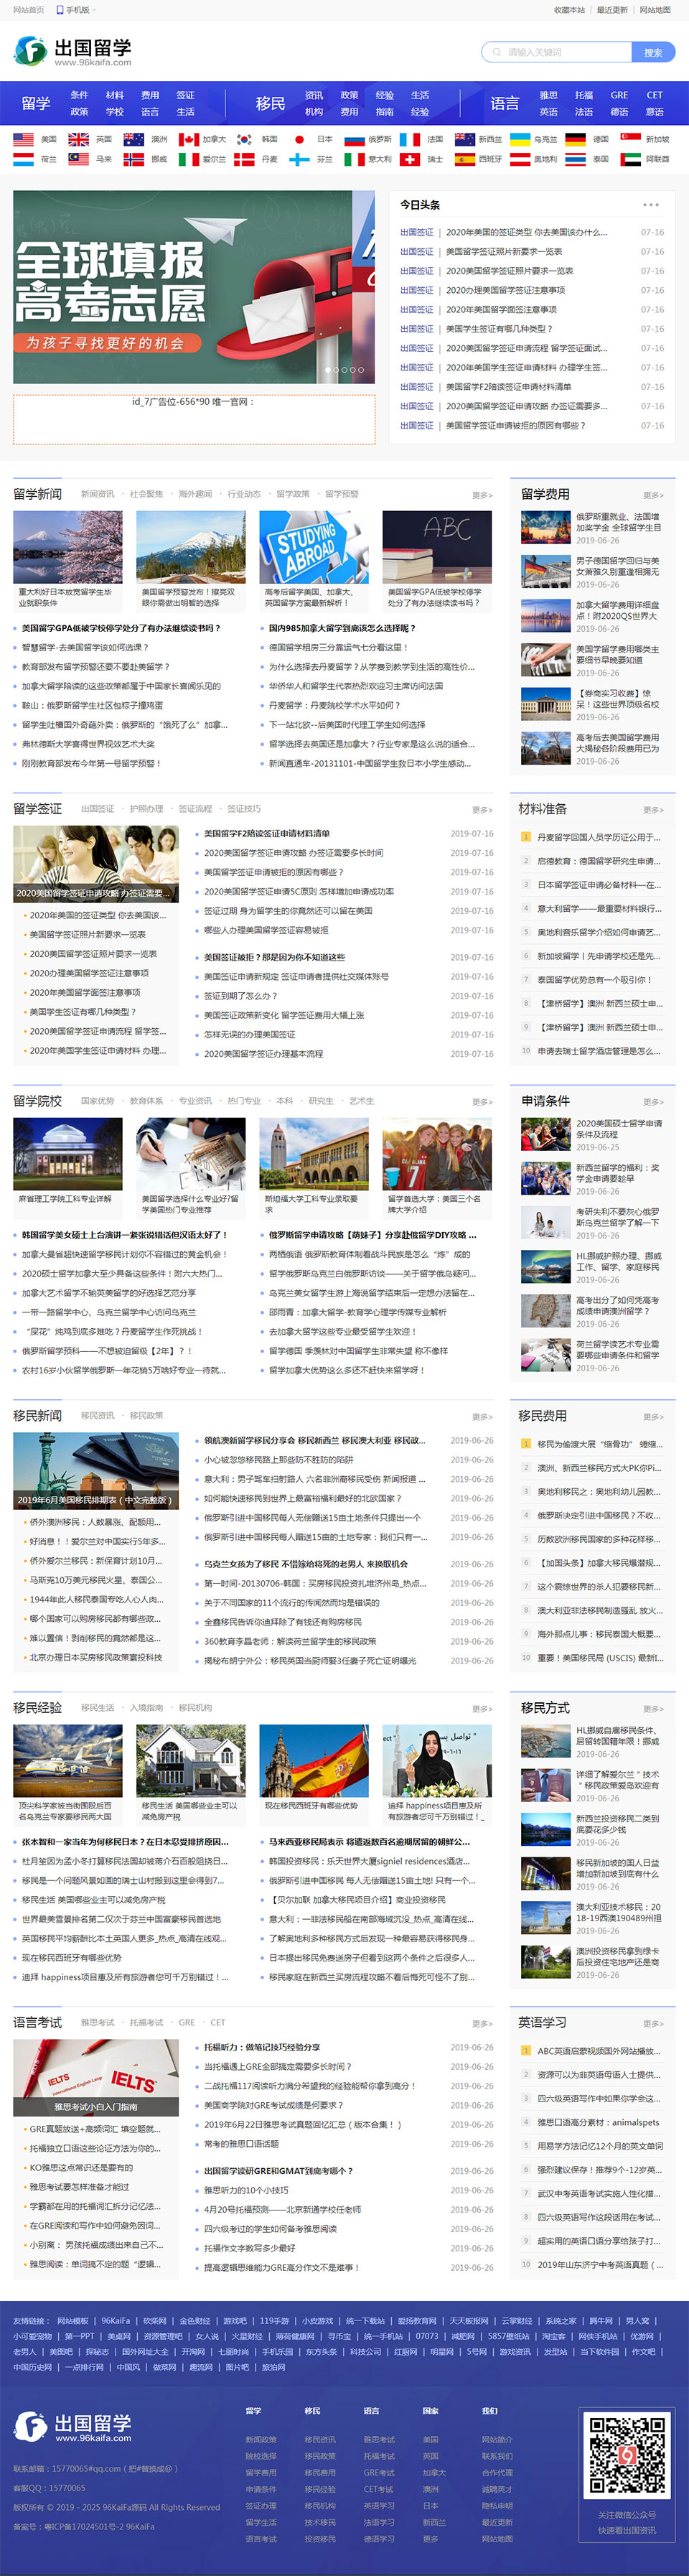 《出国留学网》源码 出国留学移民门户网站模板 帝国cms+手机端